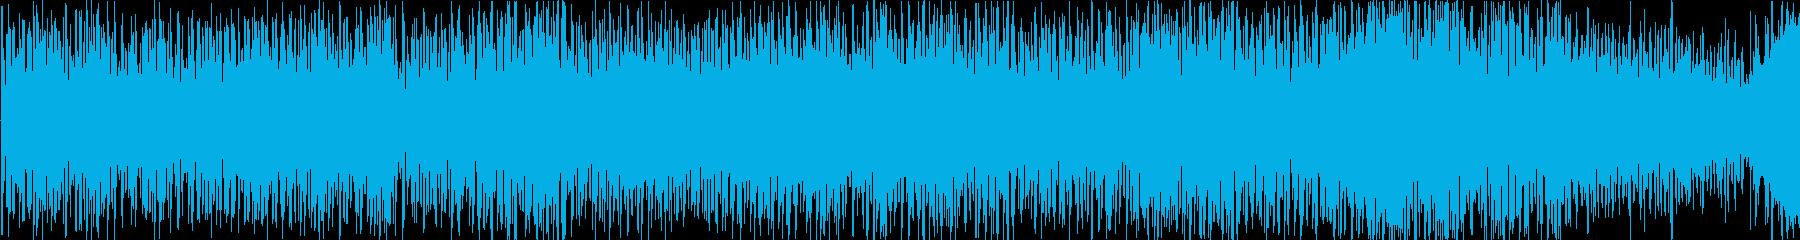 宇宙、チープ、ミニゲームに合うBGMの再生済みの波形